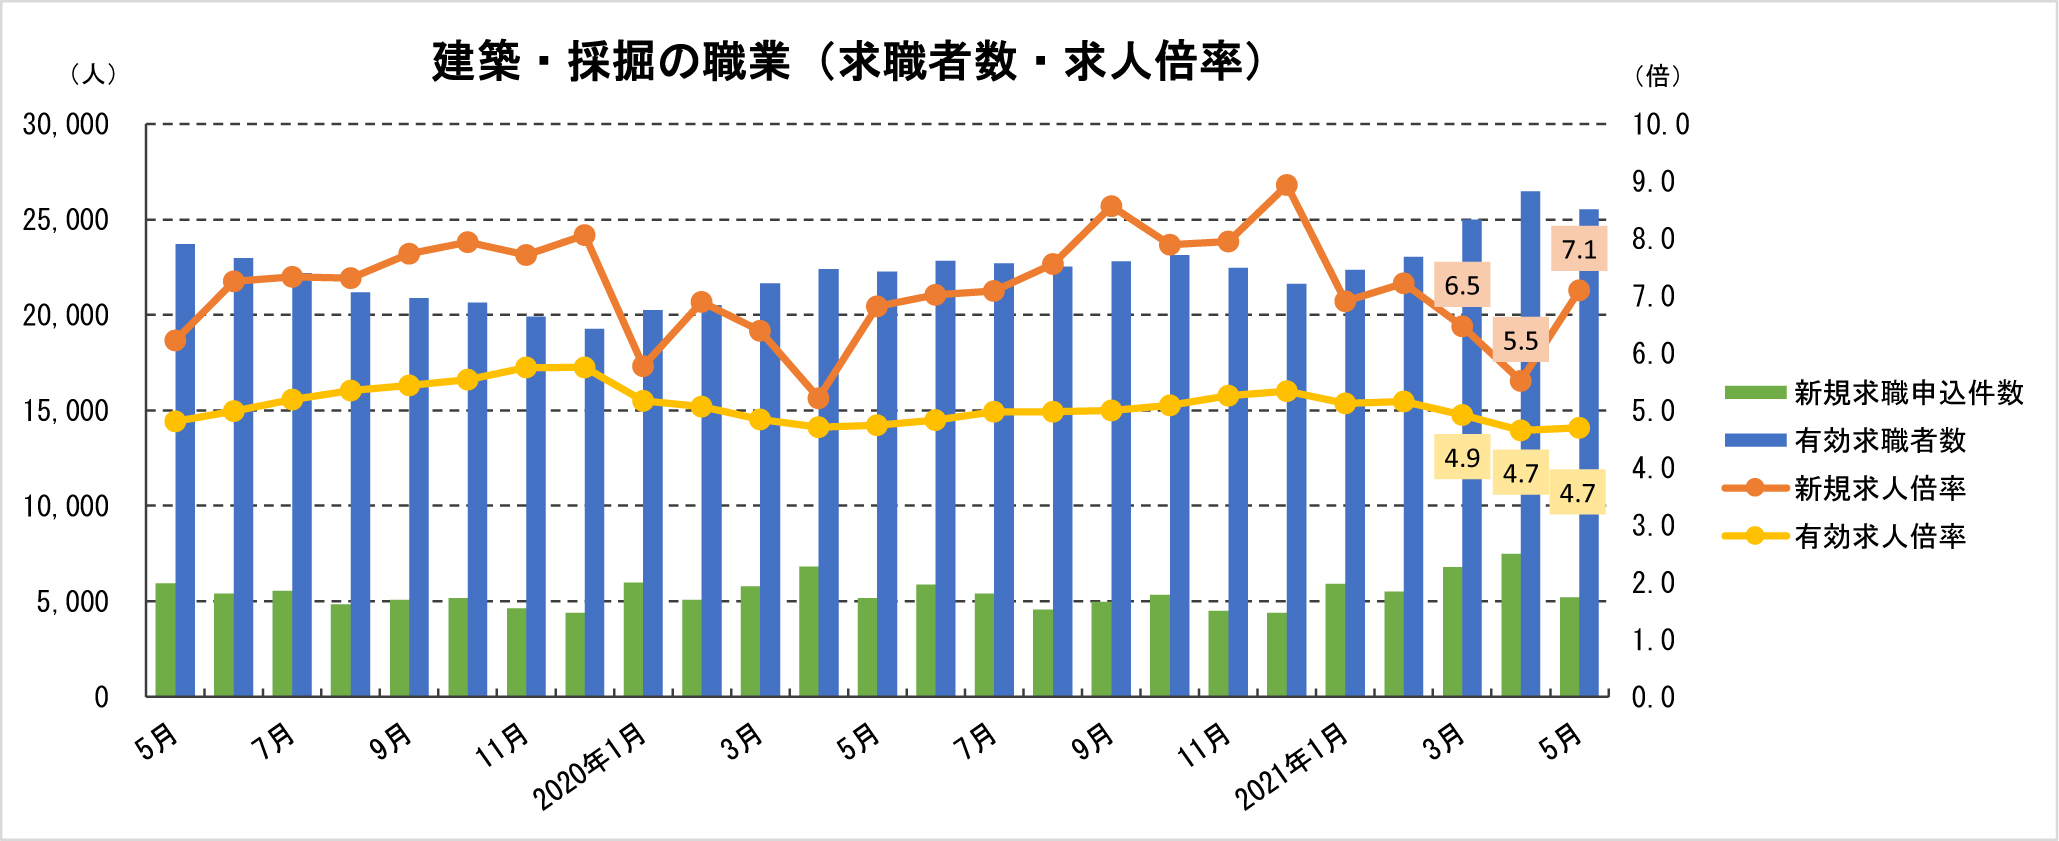 ②-2 建築・採掘の職業における求職者数